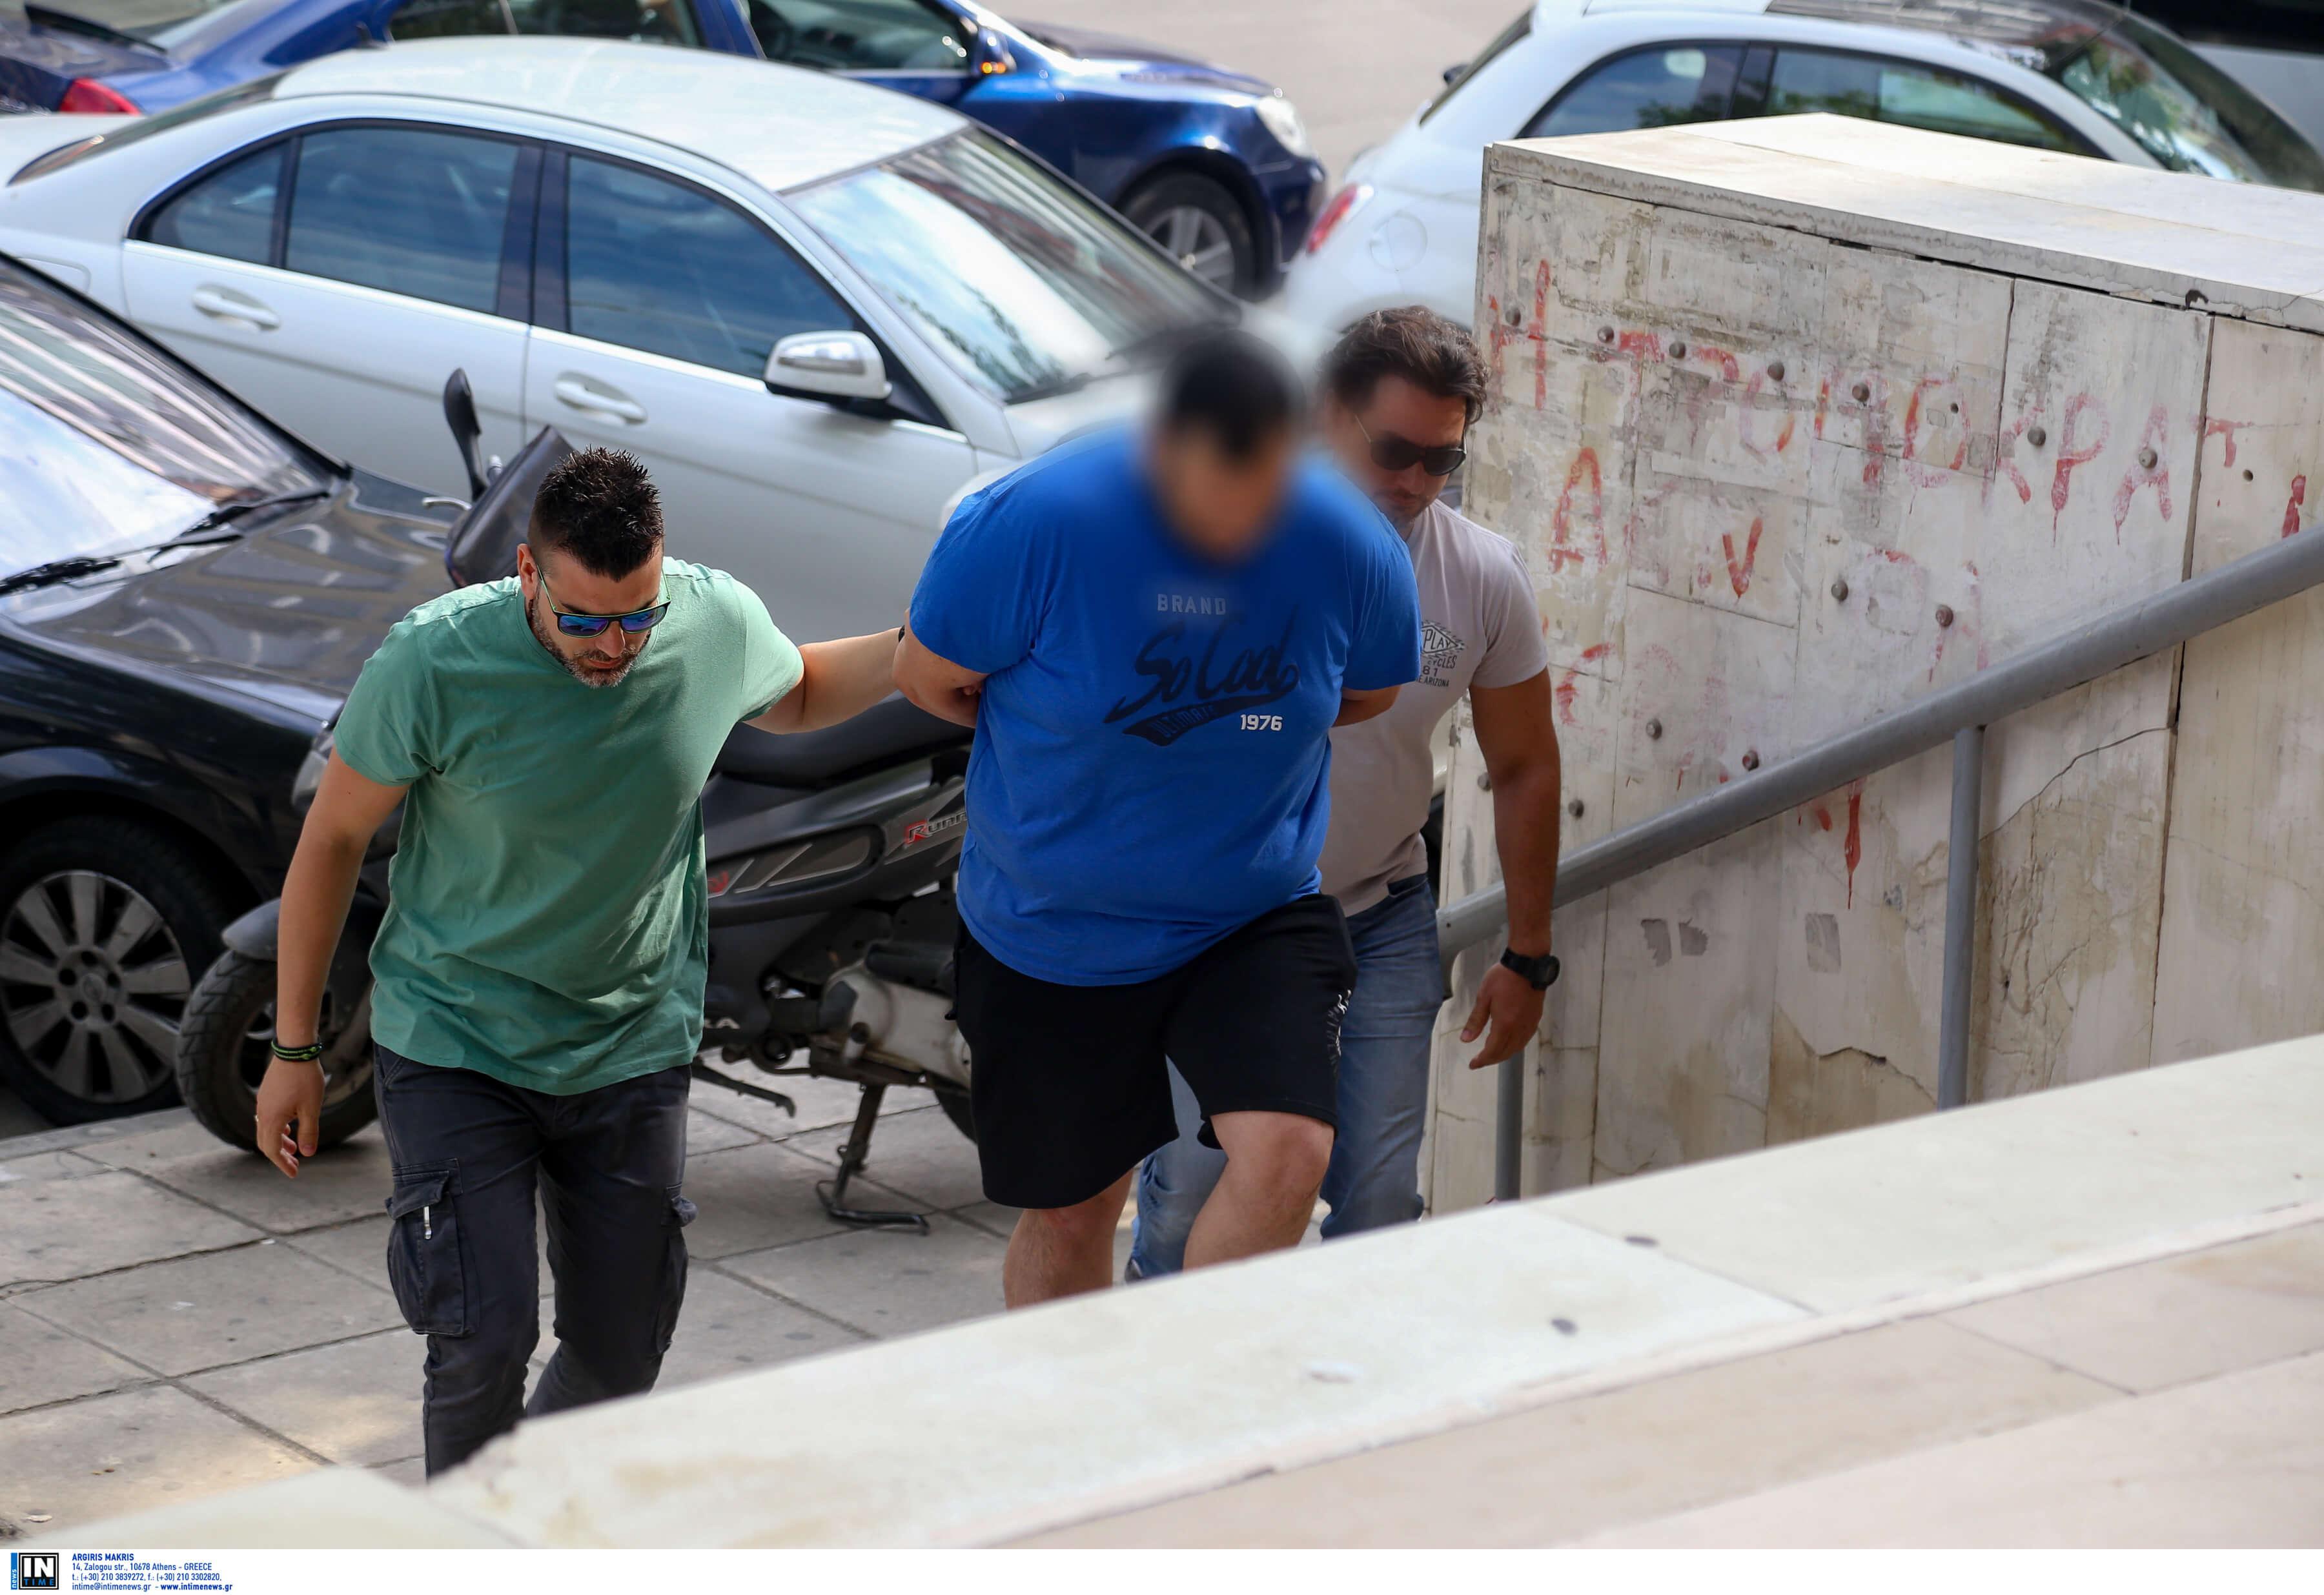 Καλαμαριά: Προφυλακίστηκε ο ψυκτικός – Ζήτησε ψυχιατρική πραγματογνωμοσύνη